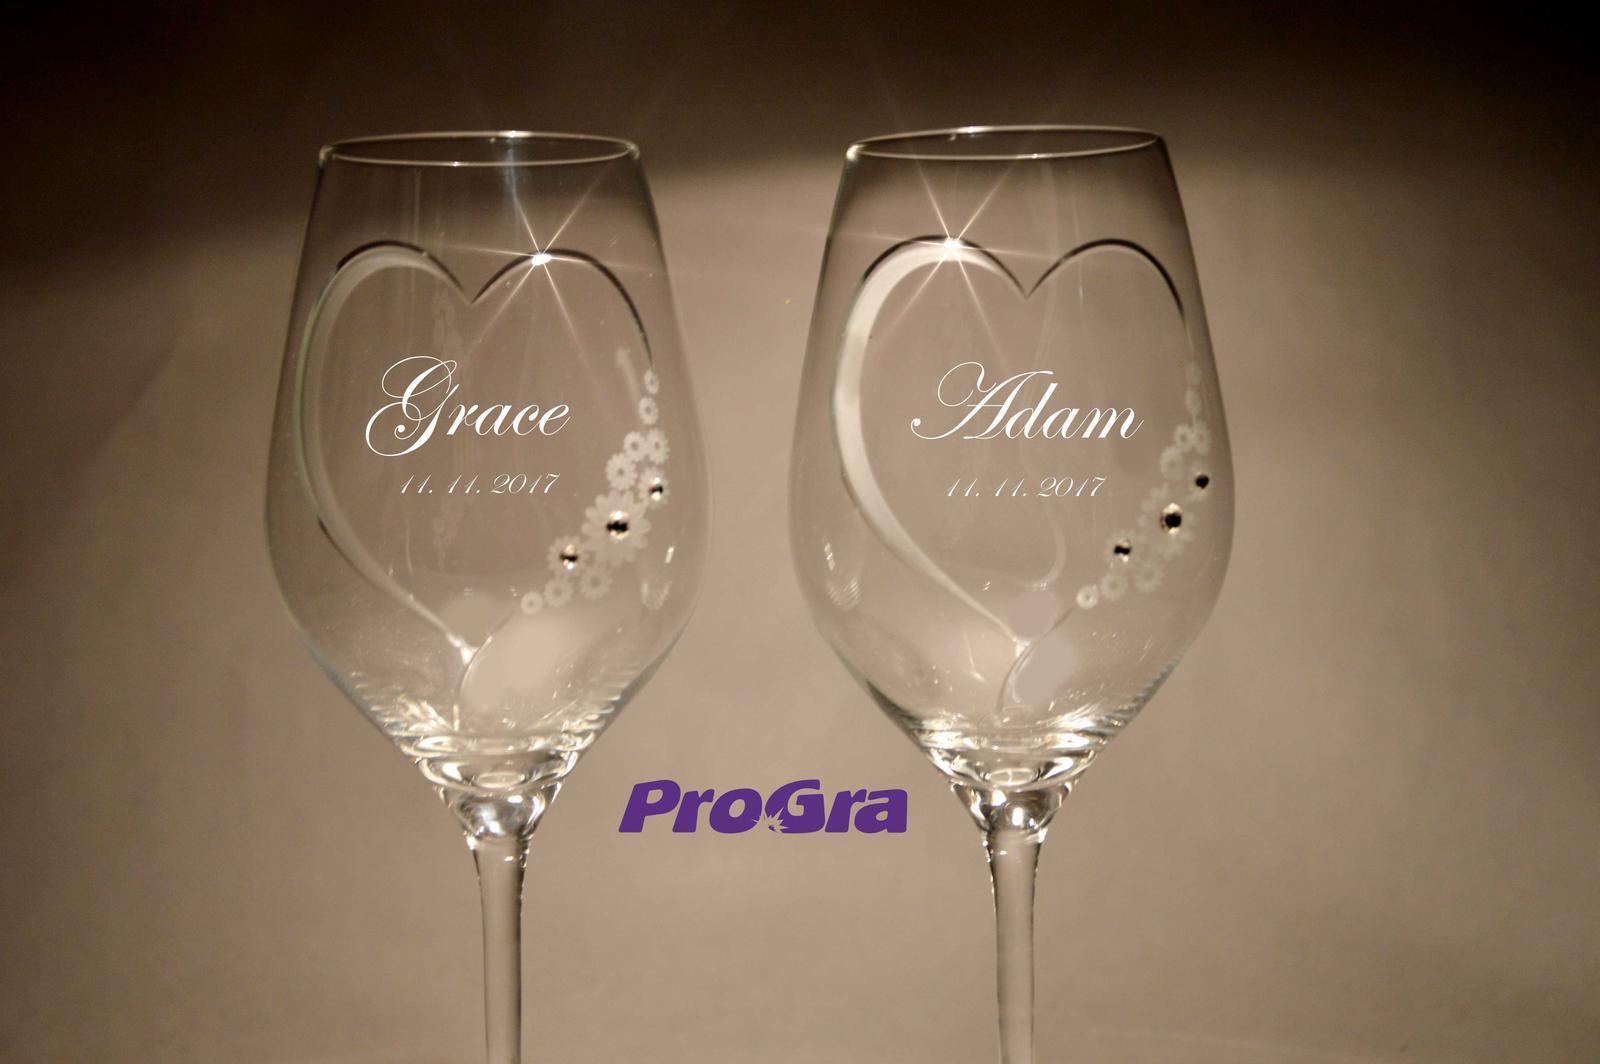 Grace -svatební sklenice - 2ks - Obrázek č. 1